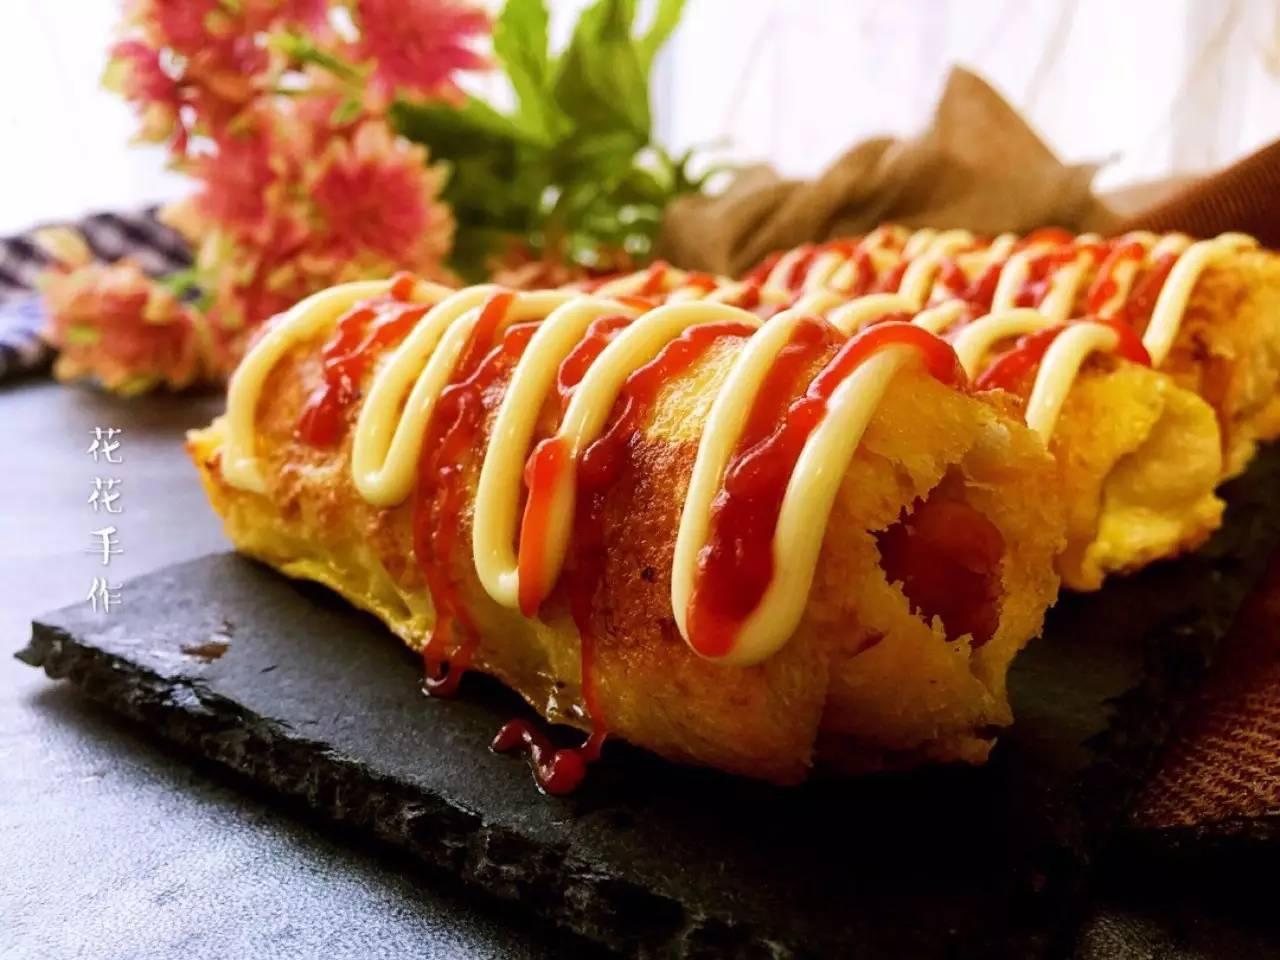 食谱|黄金吐司卷,光彩诱人,口感佳